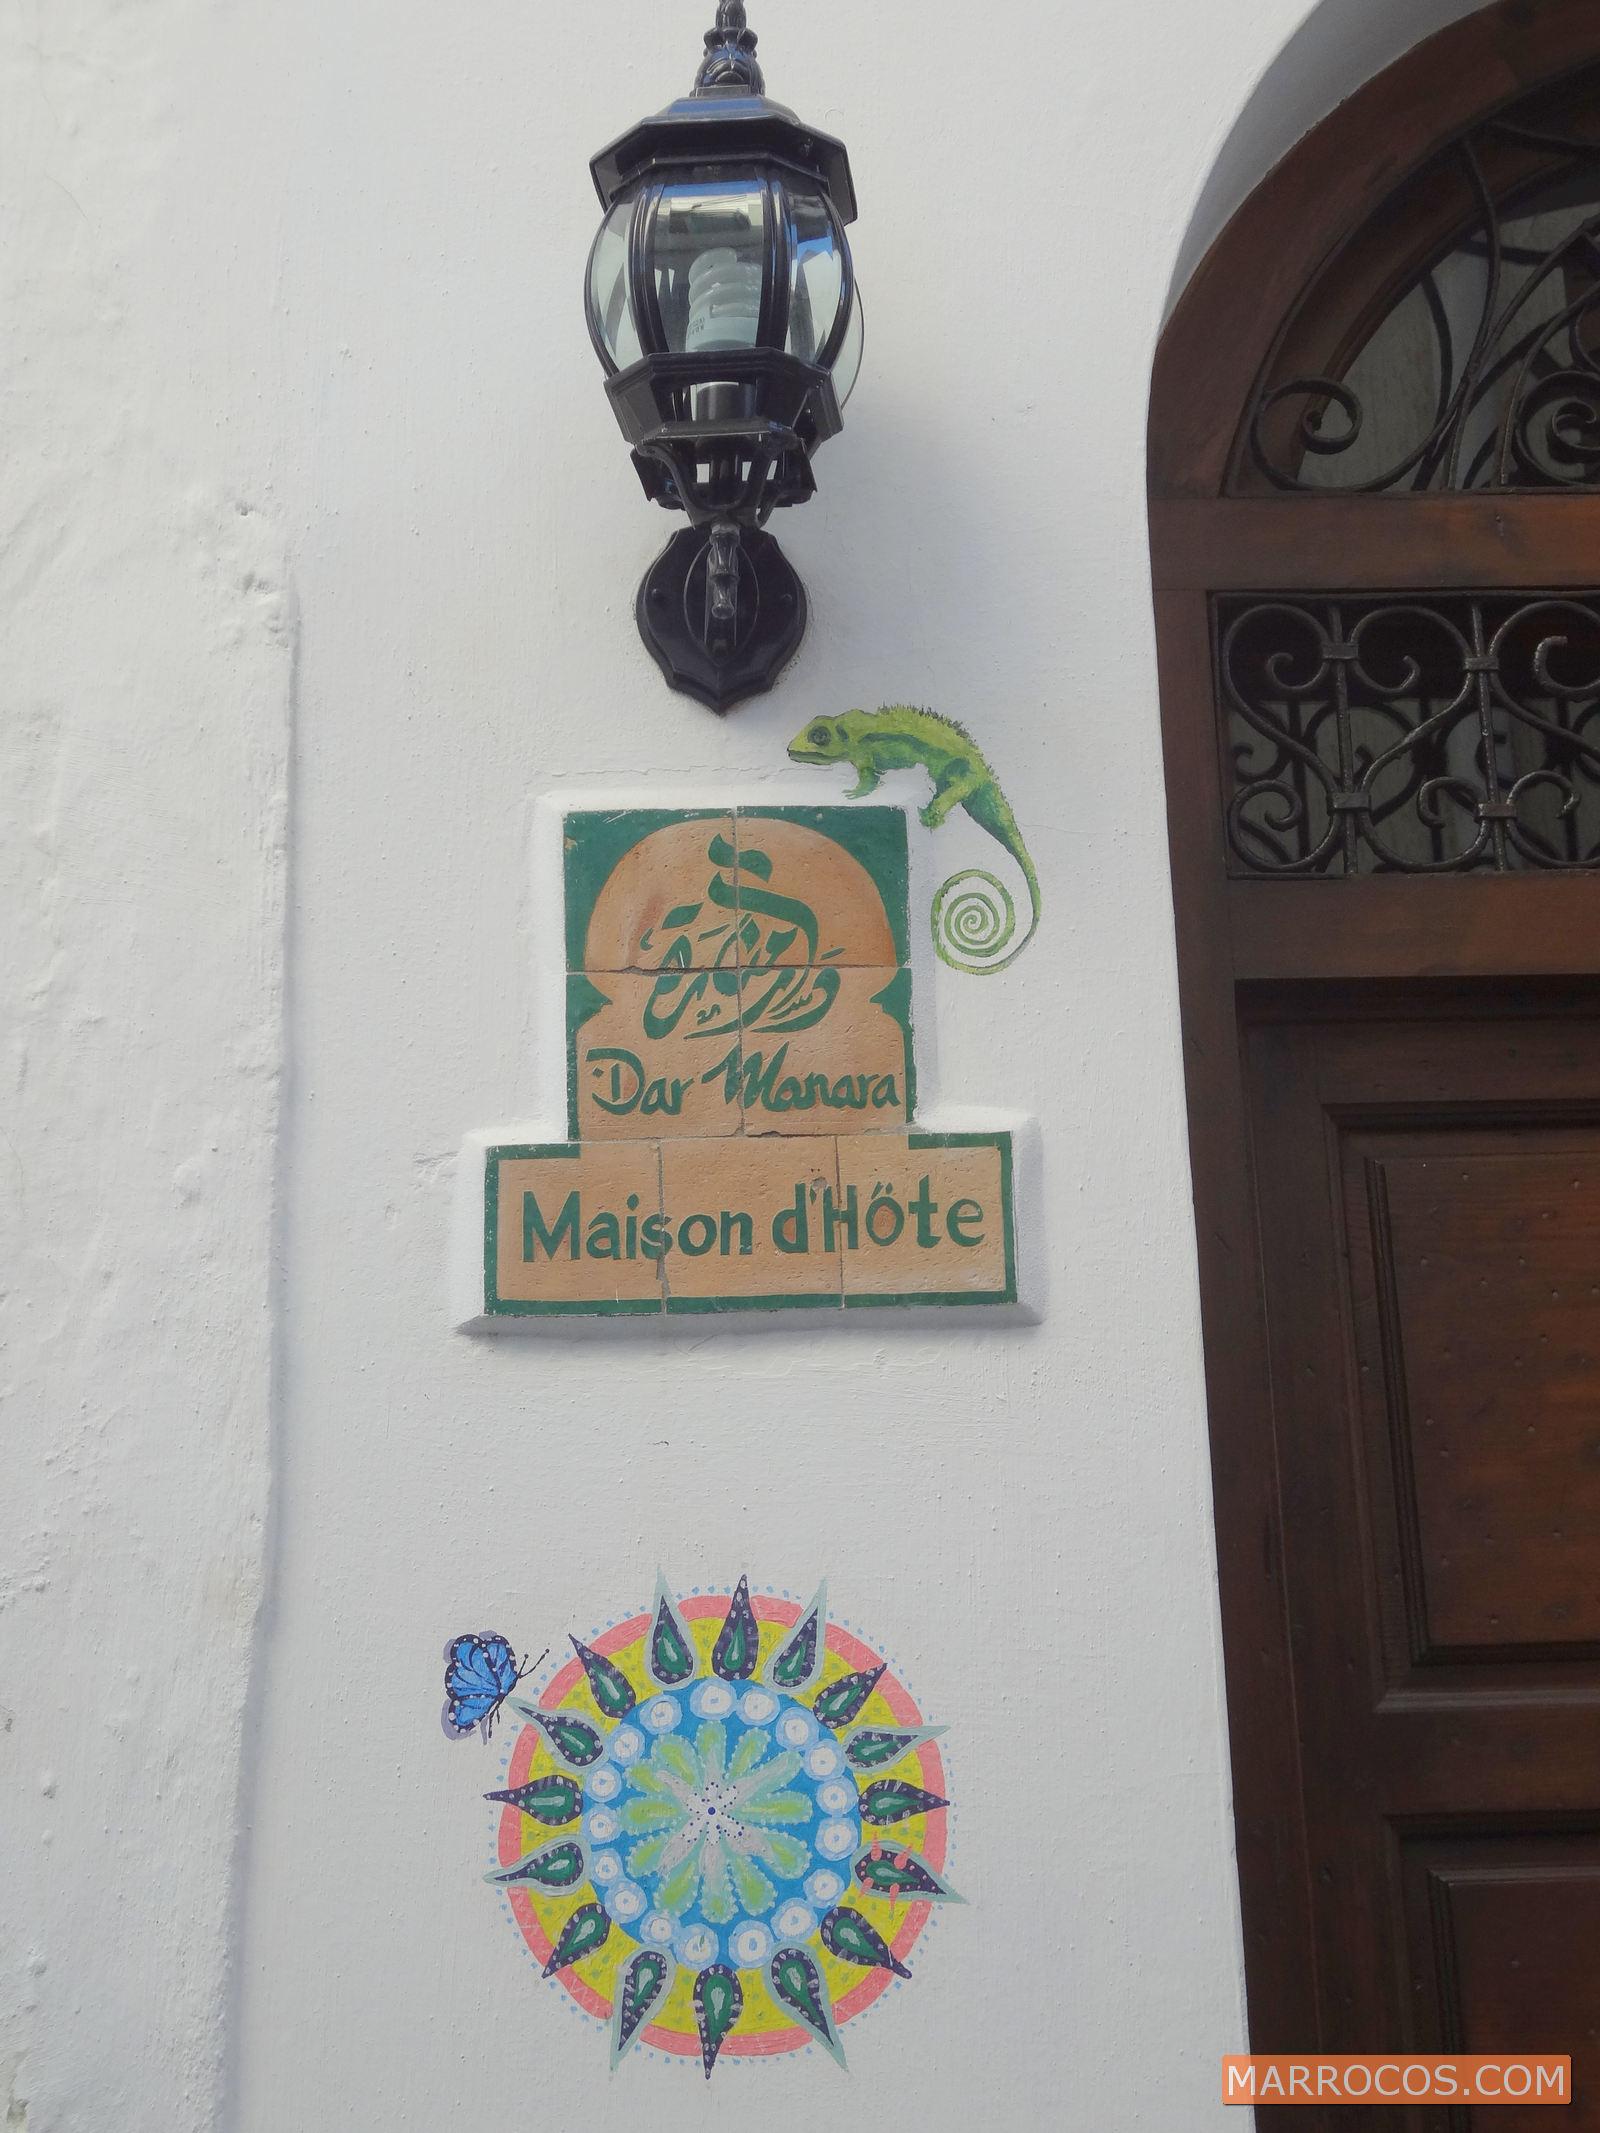 ASILAH MARROCOS